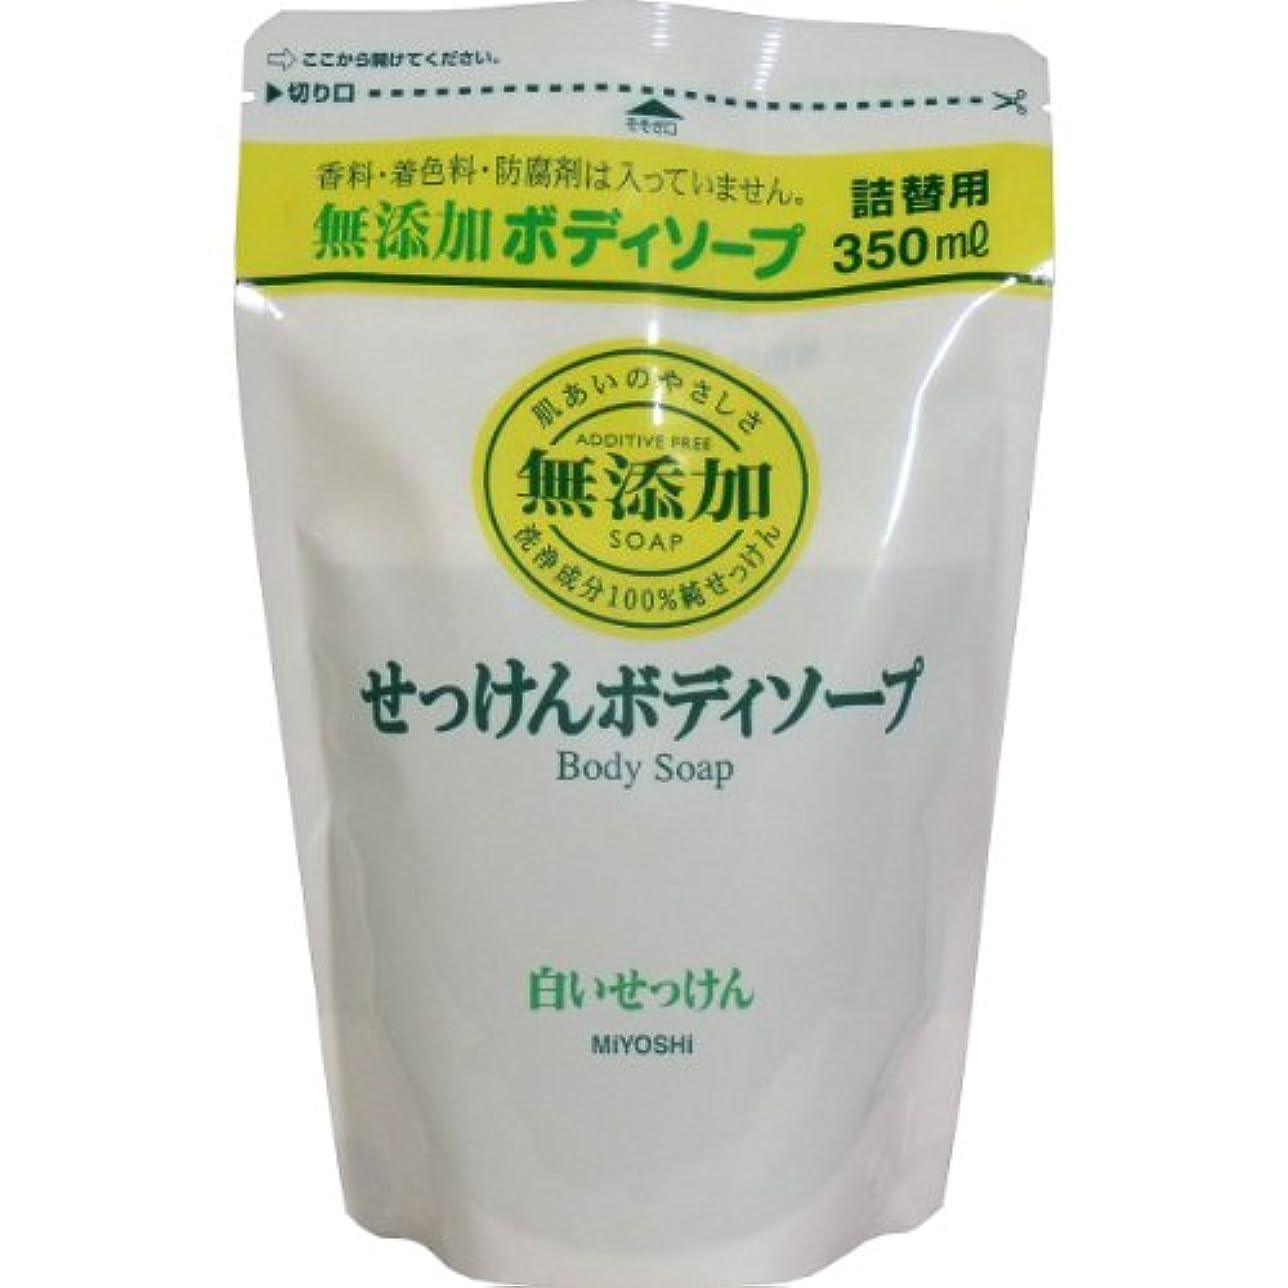 クスクスメニューピカソミヨシ 無添加 ボディソープ 白い石けん つめかえ用 350ml(無添加石鹸) x 10個セット